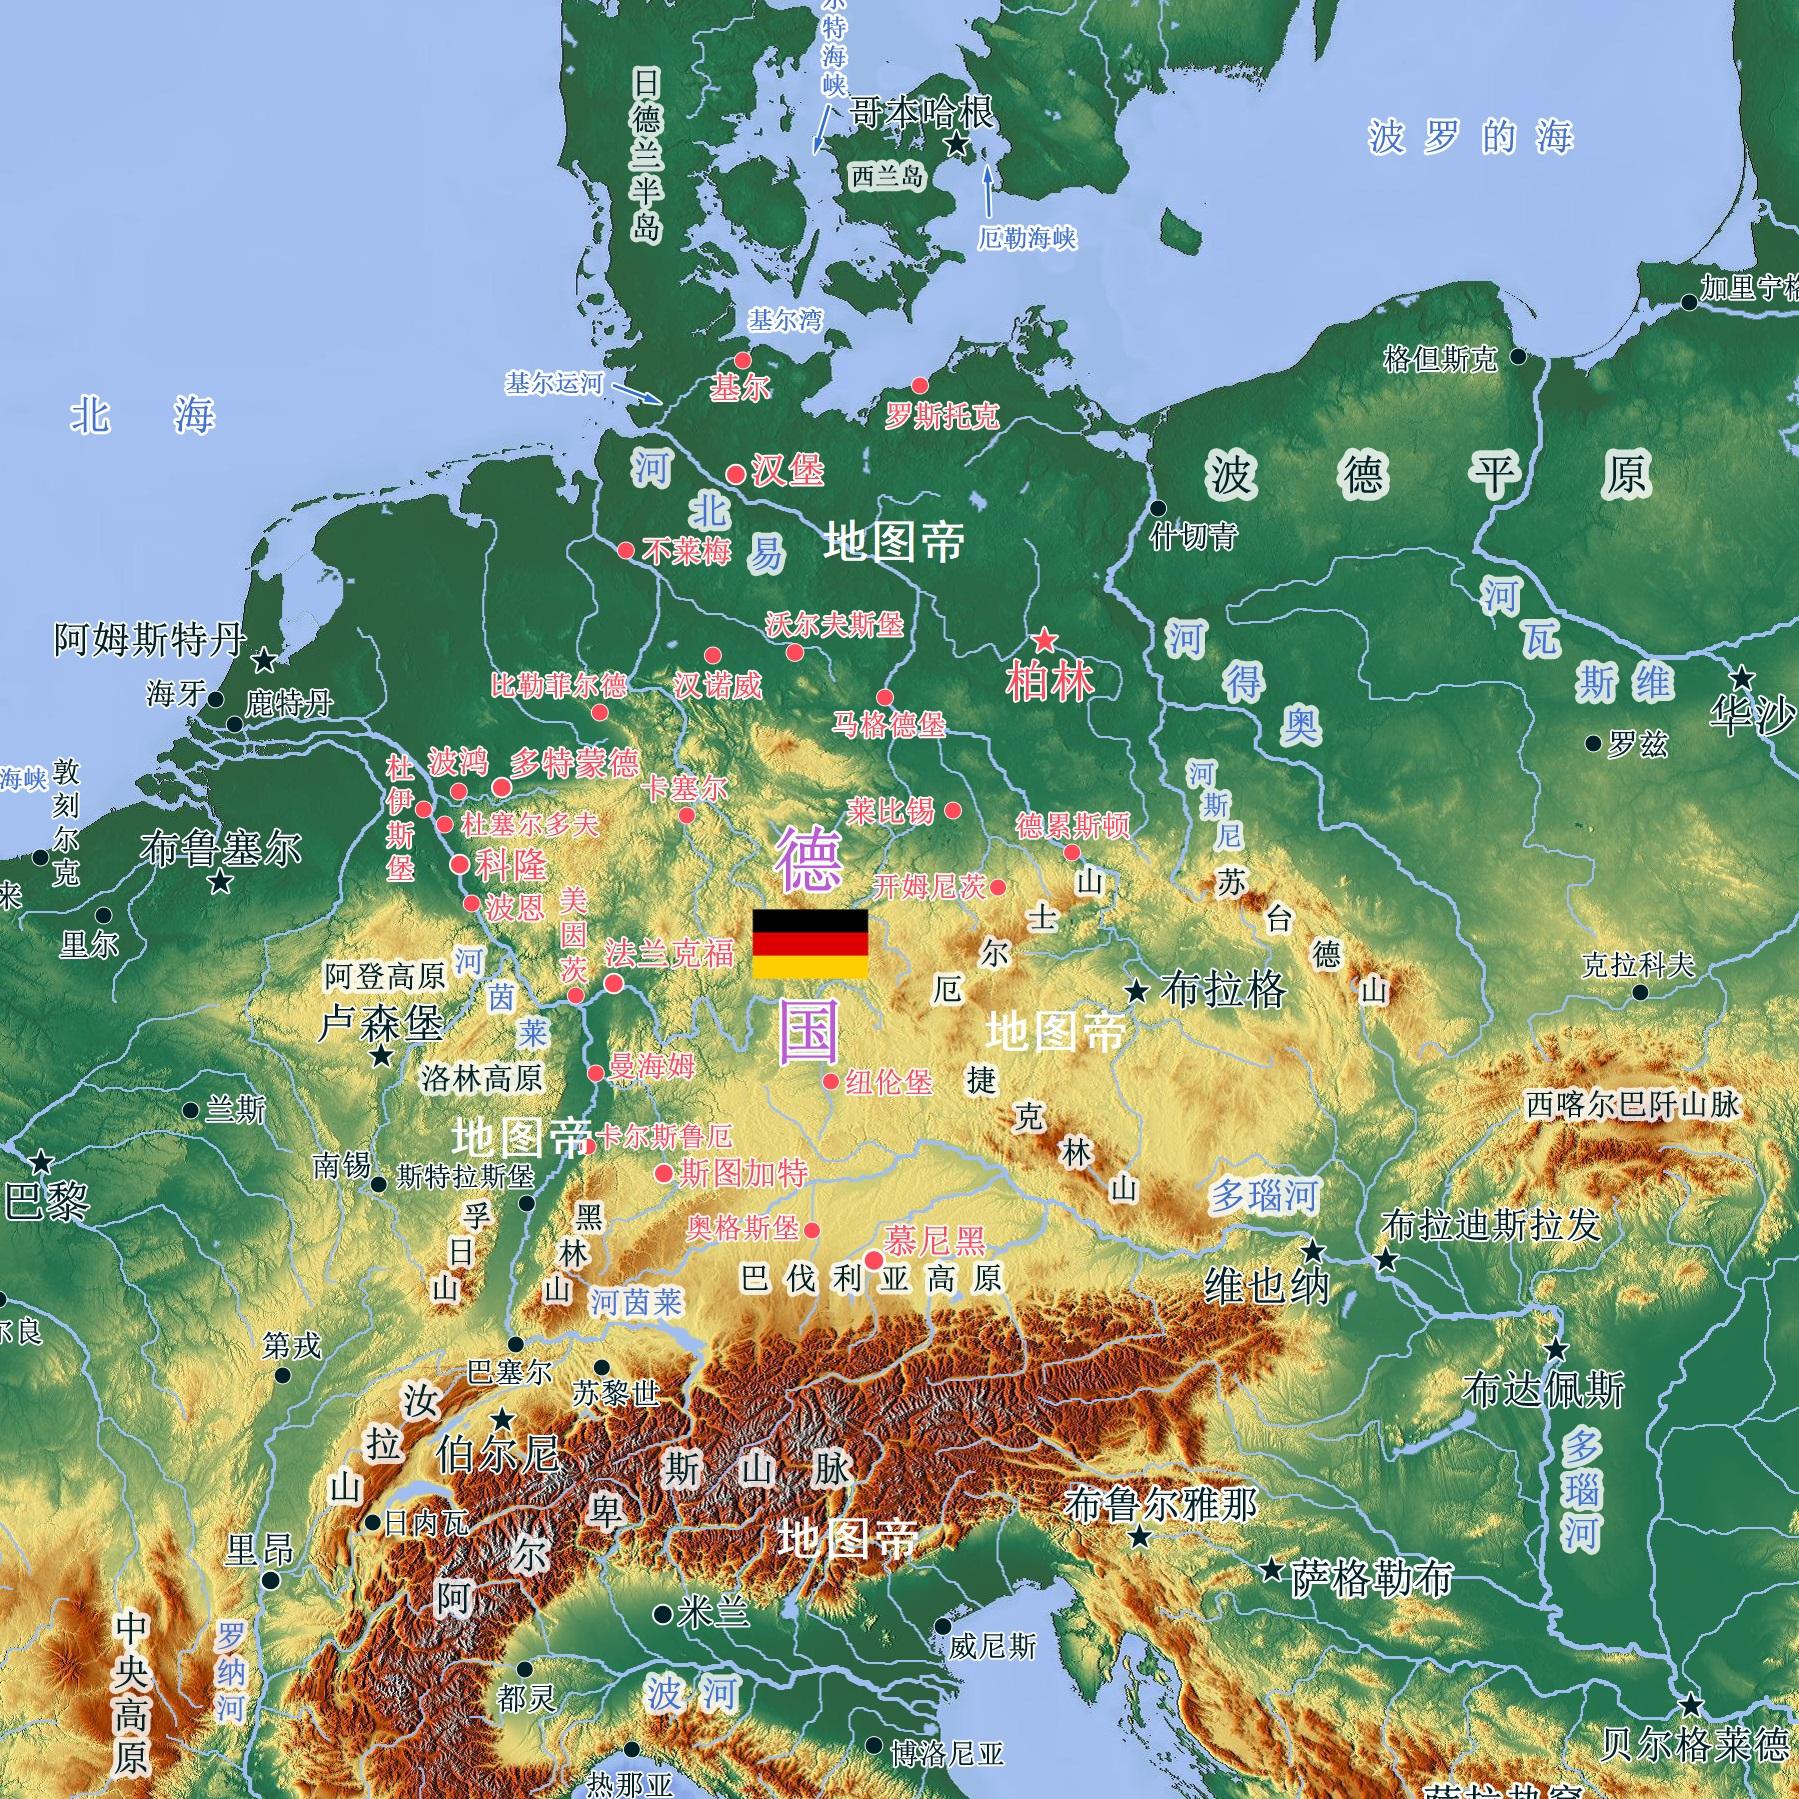 为何德国的边界多以河流山川为界?_德国新闻_德国中文网